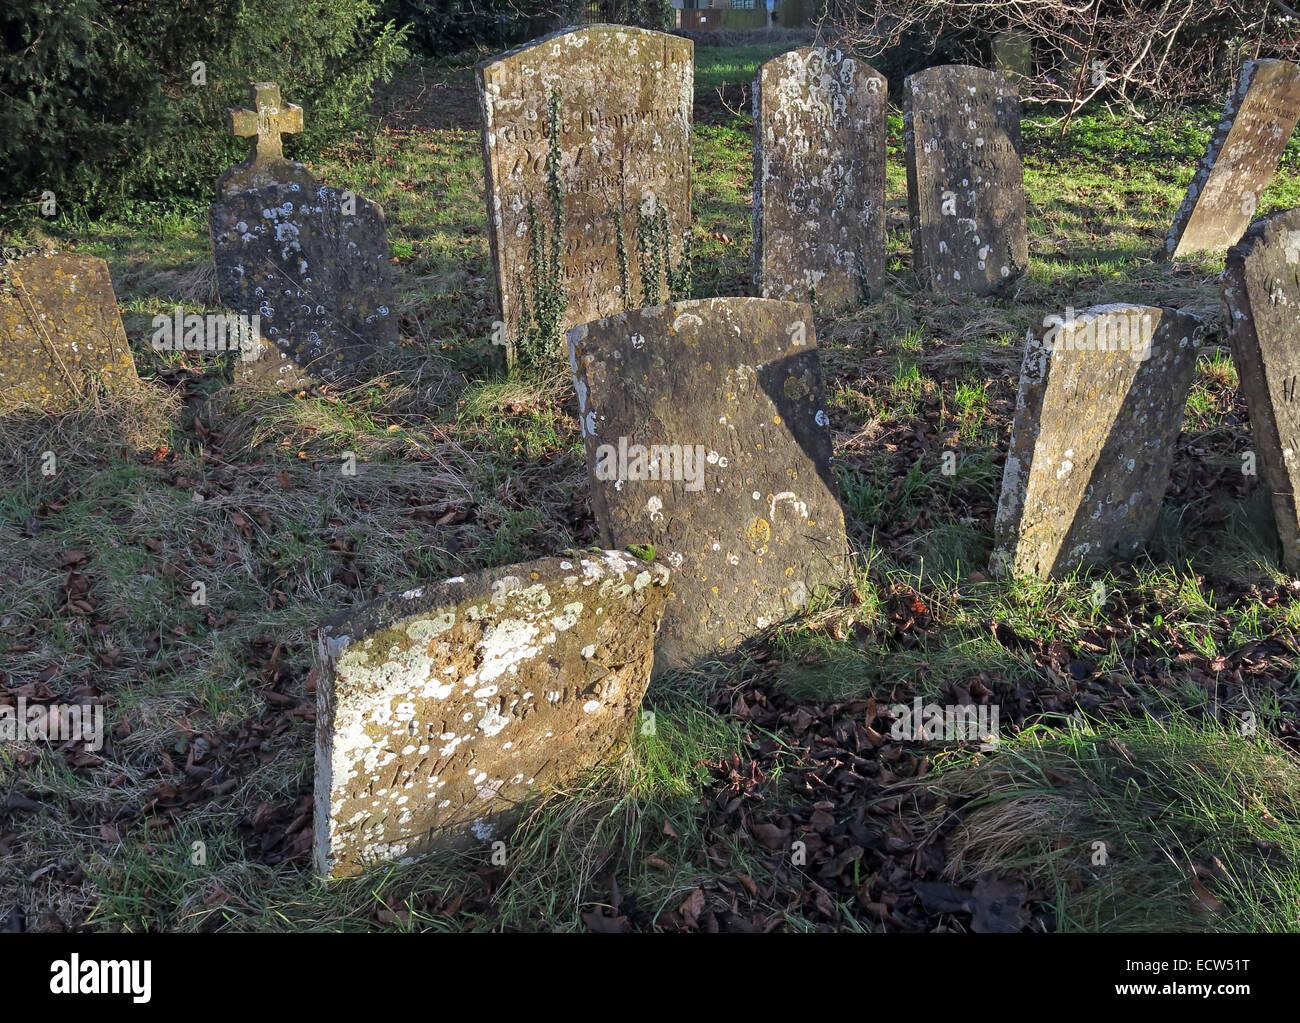 Laden Sie dieses Alamy Stockfoto St. Marys Kirche Ardley, Oxfordshire, England, Vereinigtes Königreich - ECW51T